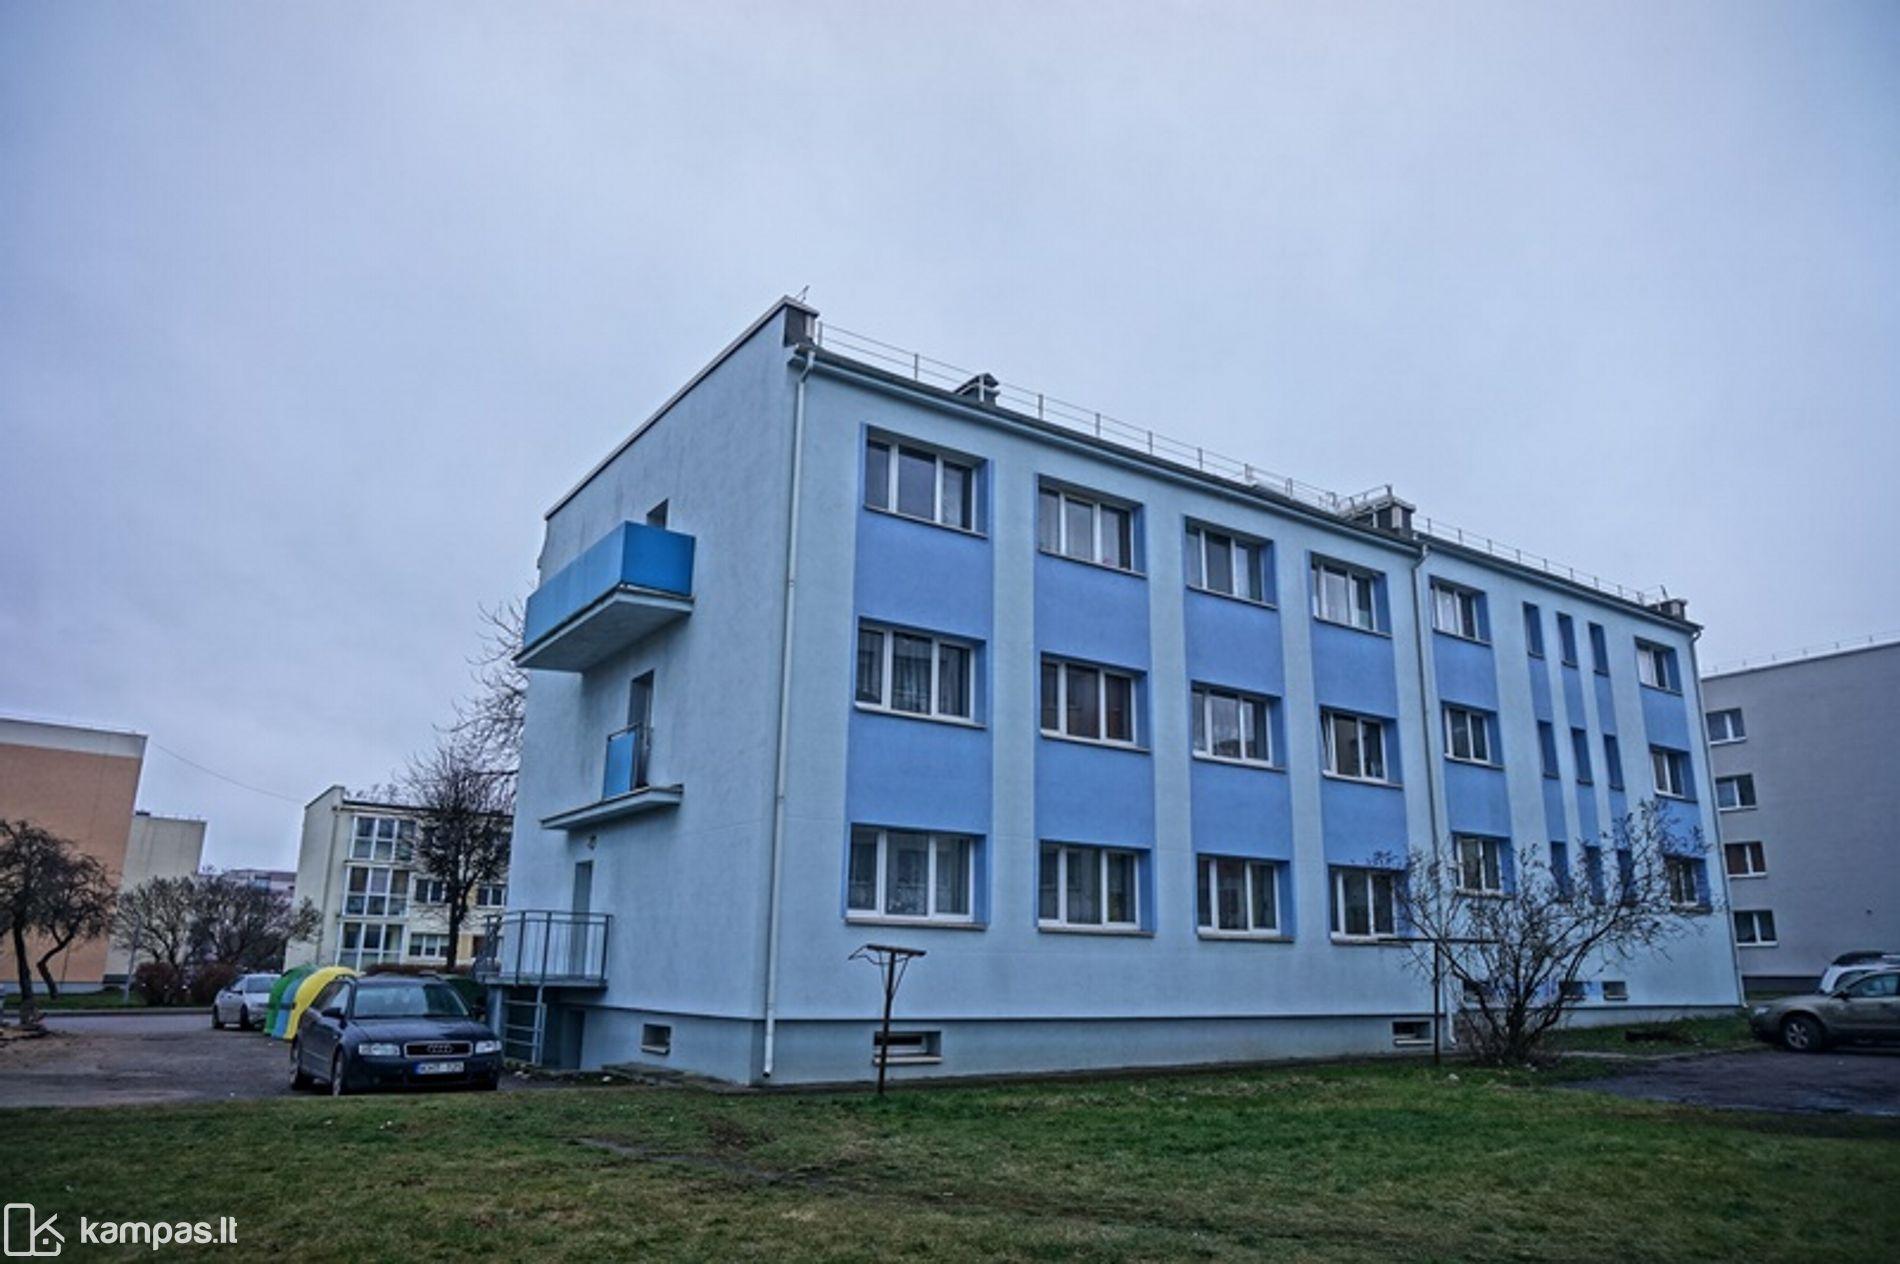 photo No.4 Ignalinos r. sav., Ignalina, Ligoninės g.